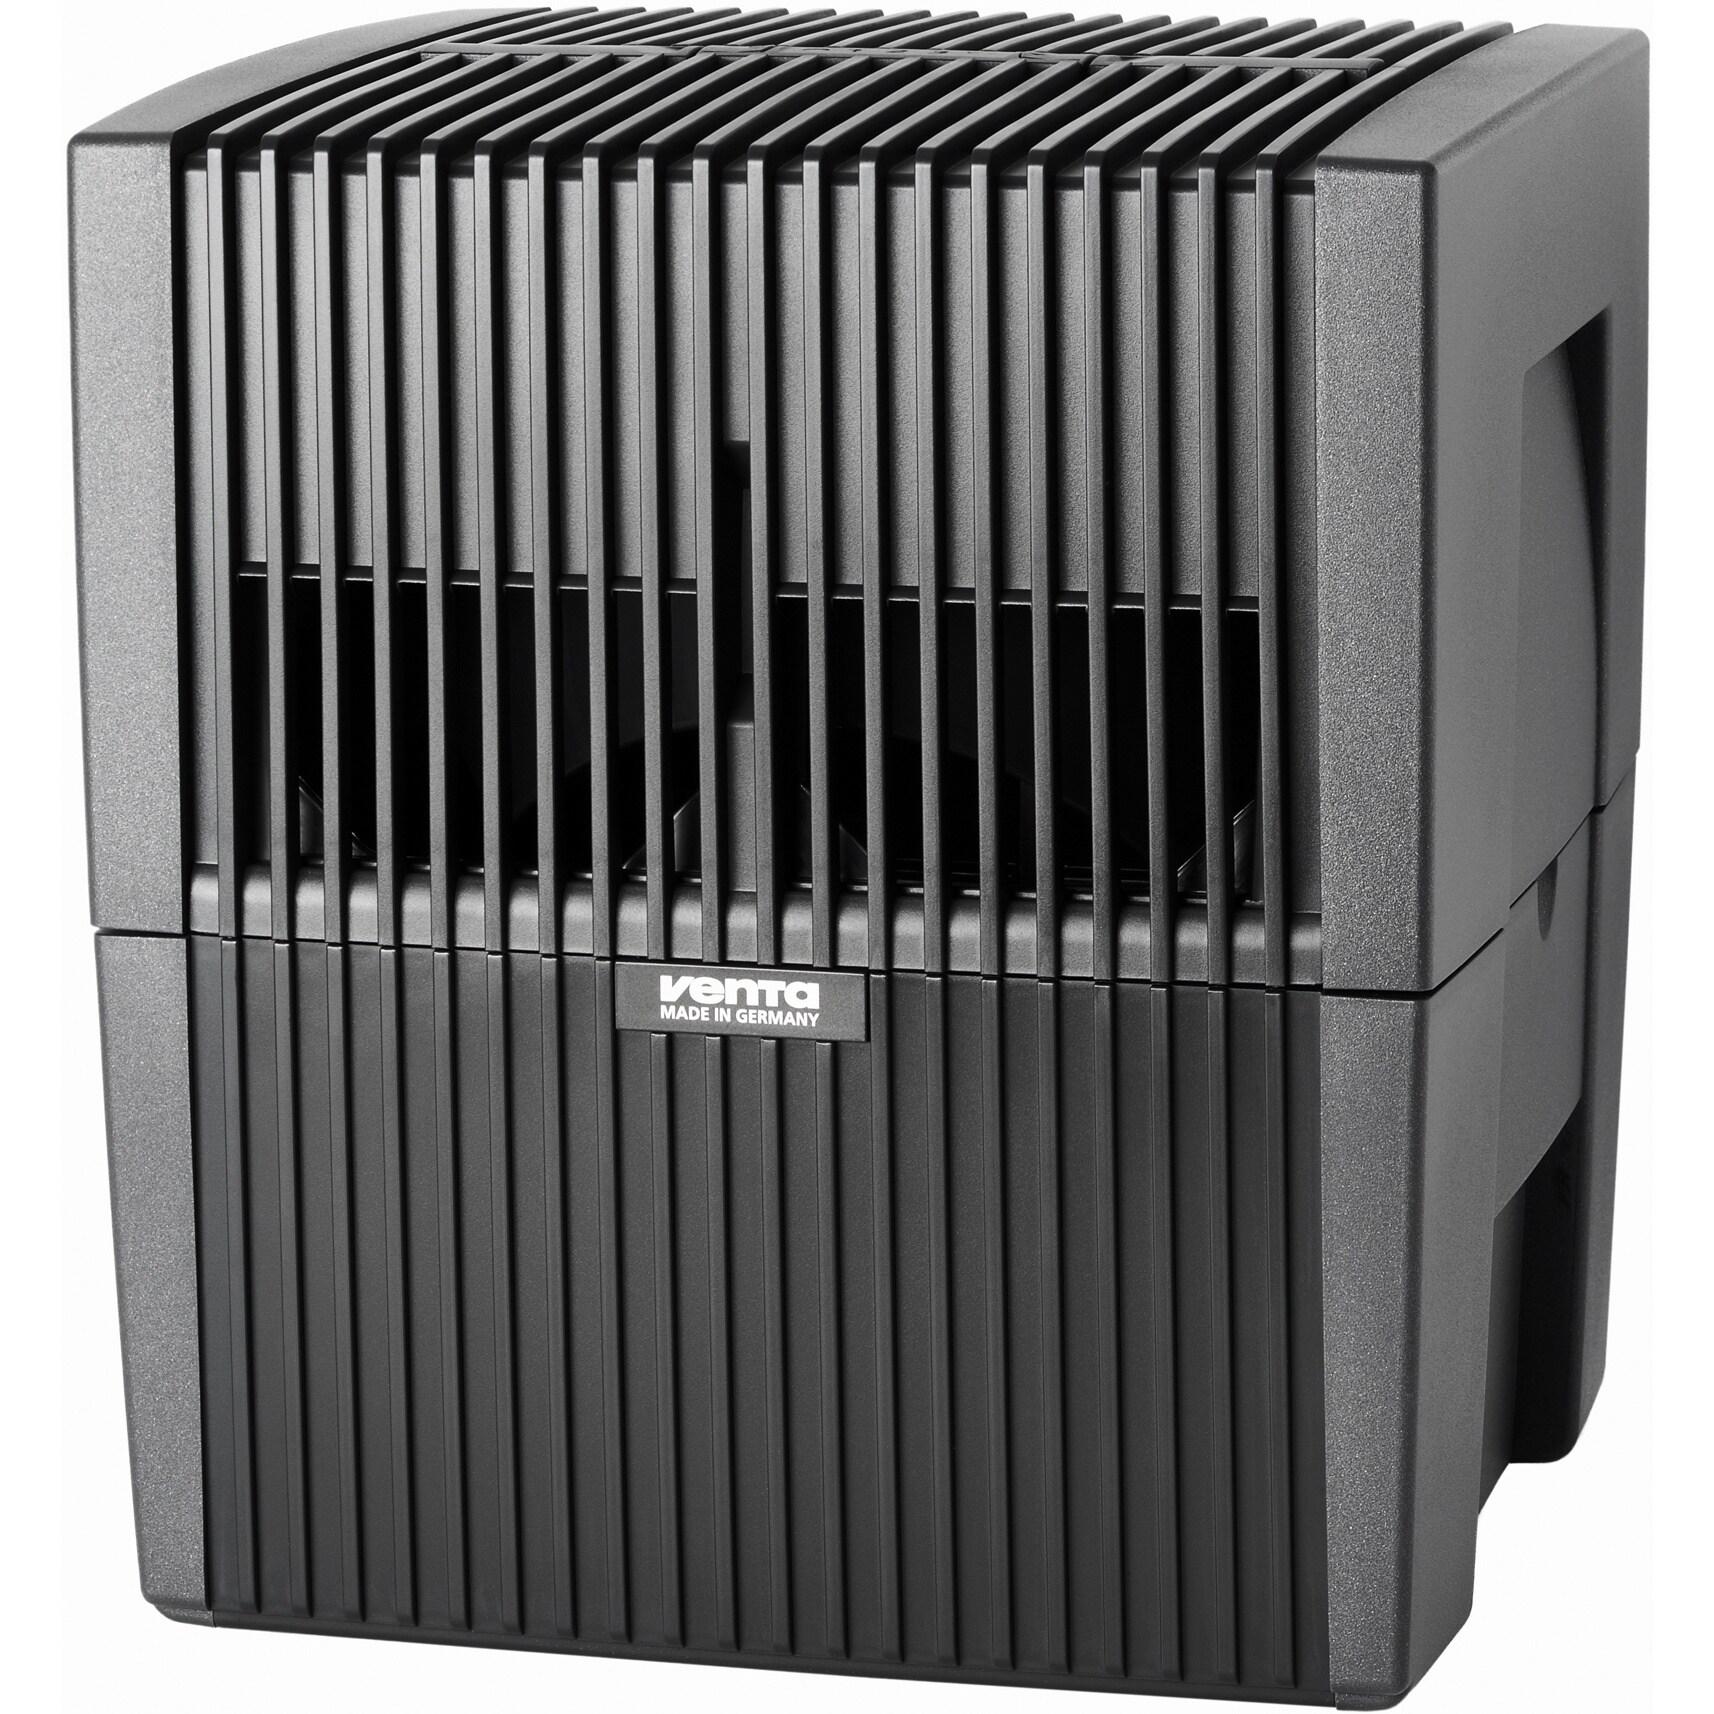 Venta Airwasher Llc LW25 2-in-1 Humidifier/ Air Purifier ...